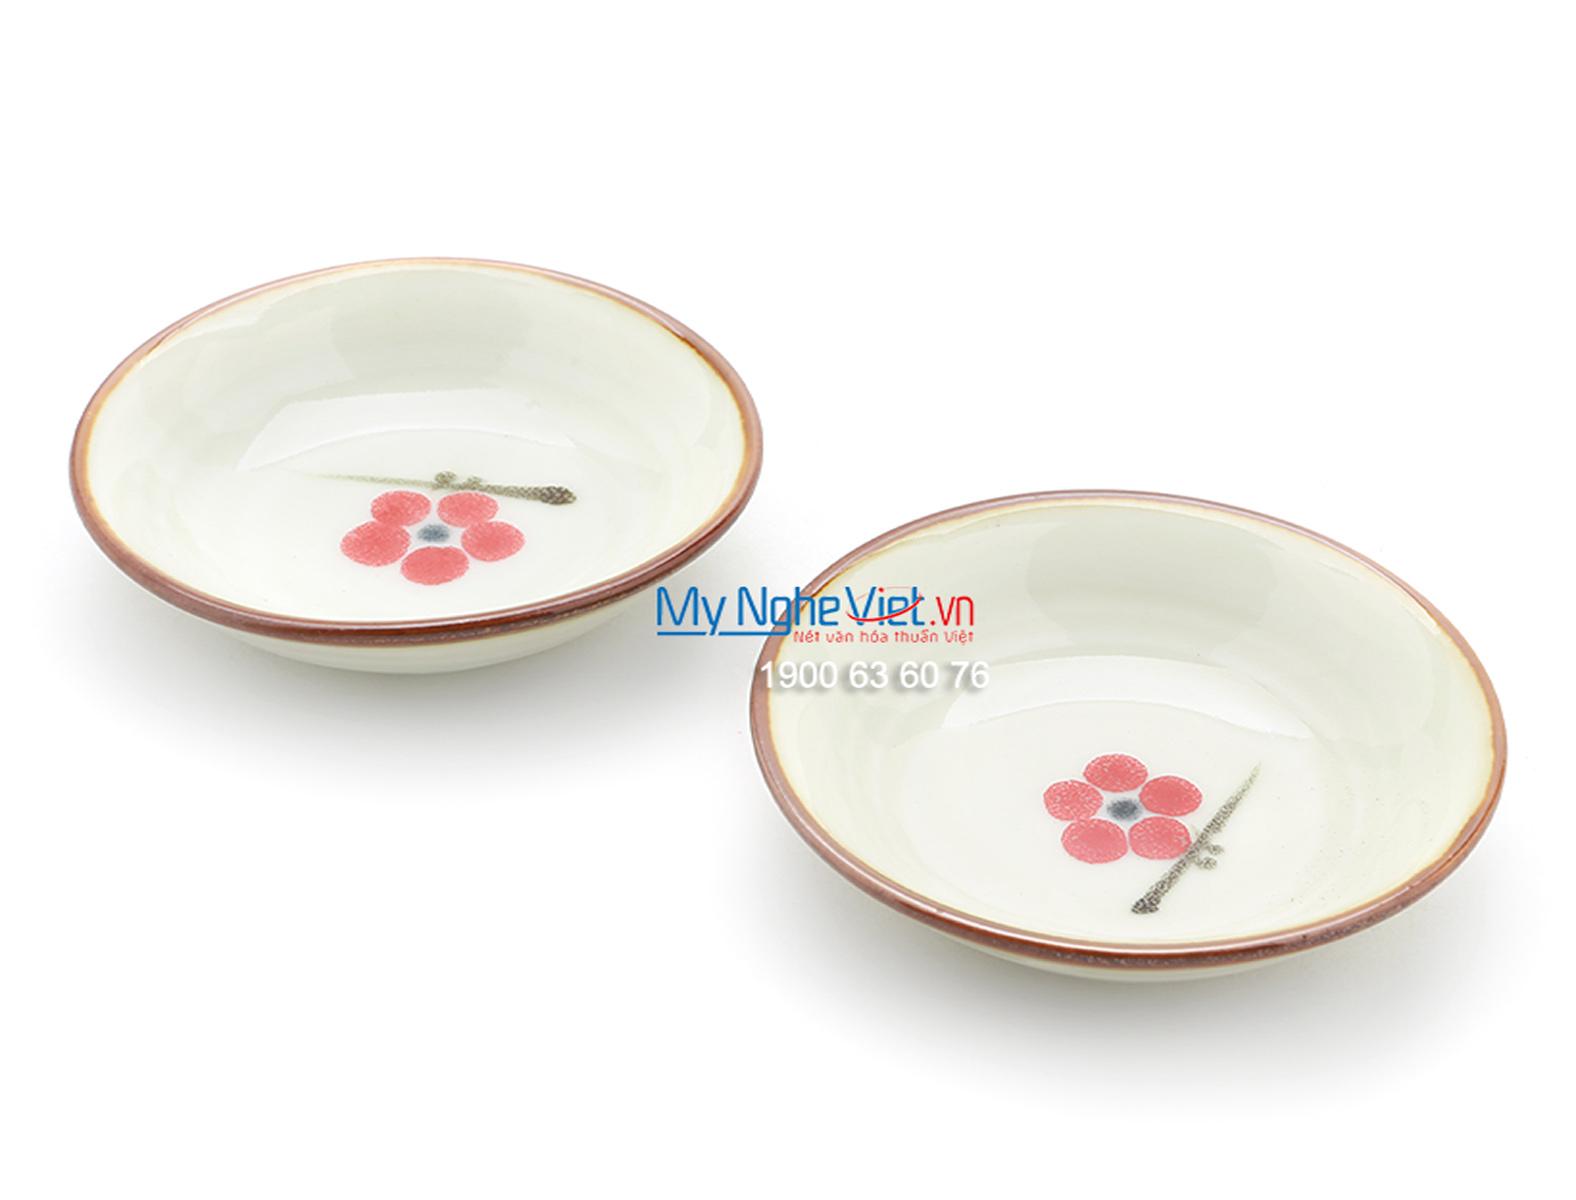 Đĩa muối men trắng láng vẽ hoa đào MNV-BA04-7